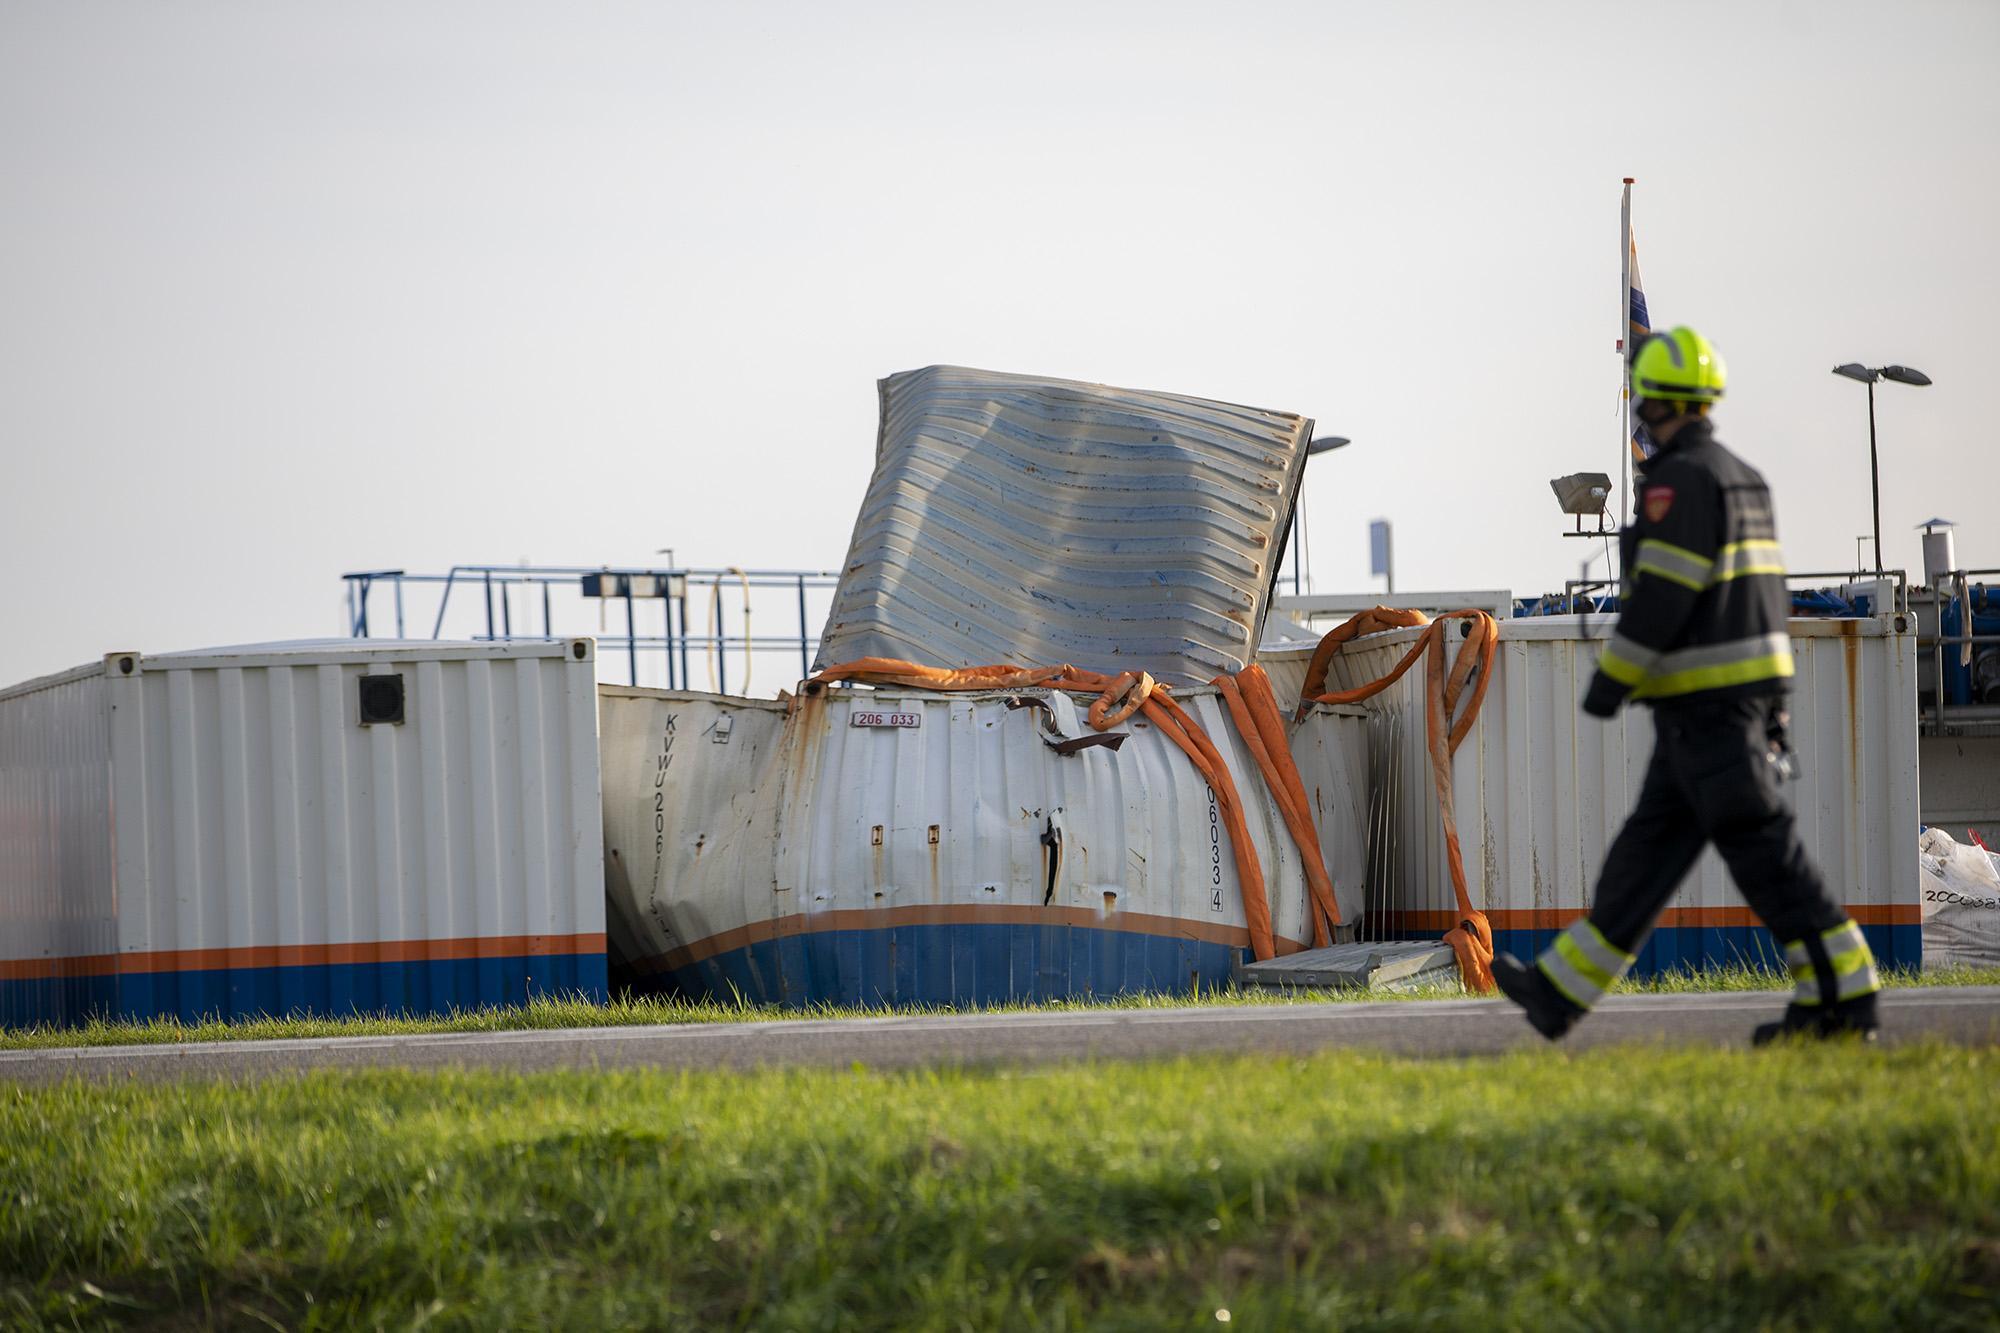 Brandweer doet onderzoek naar explosie in container in Vijfhuizen